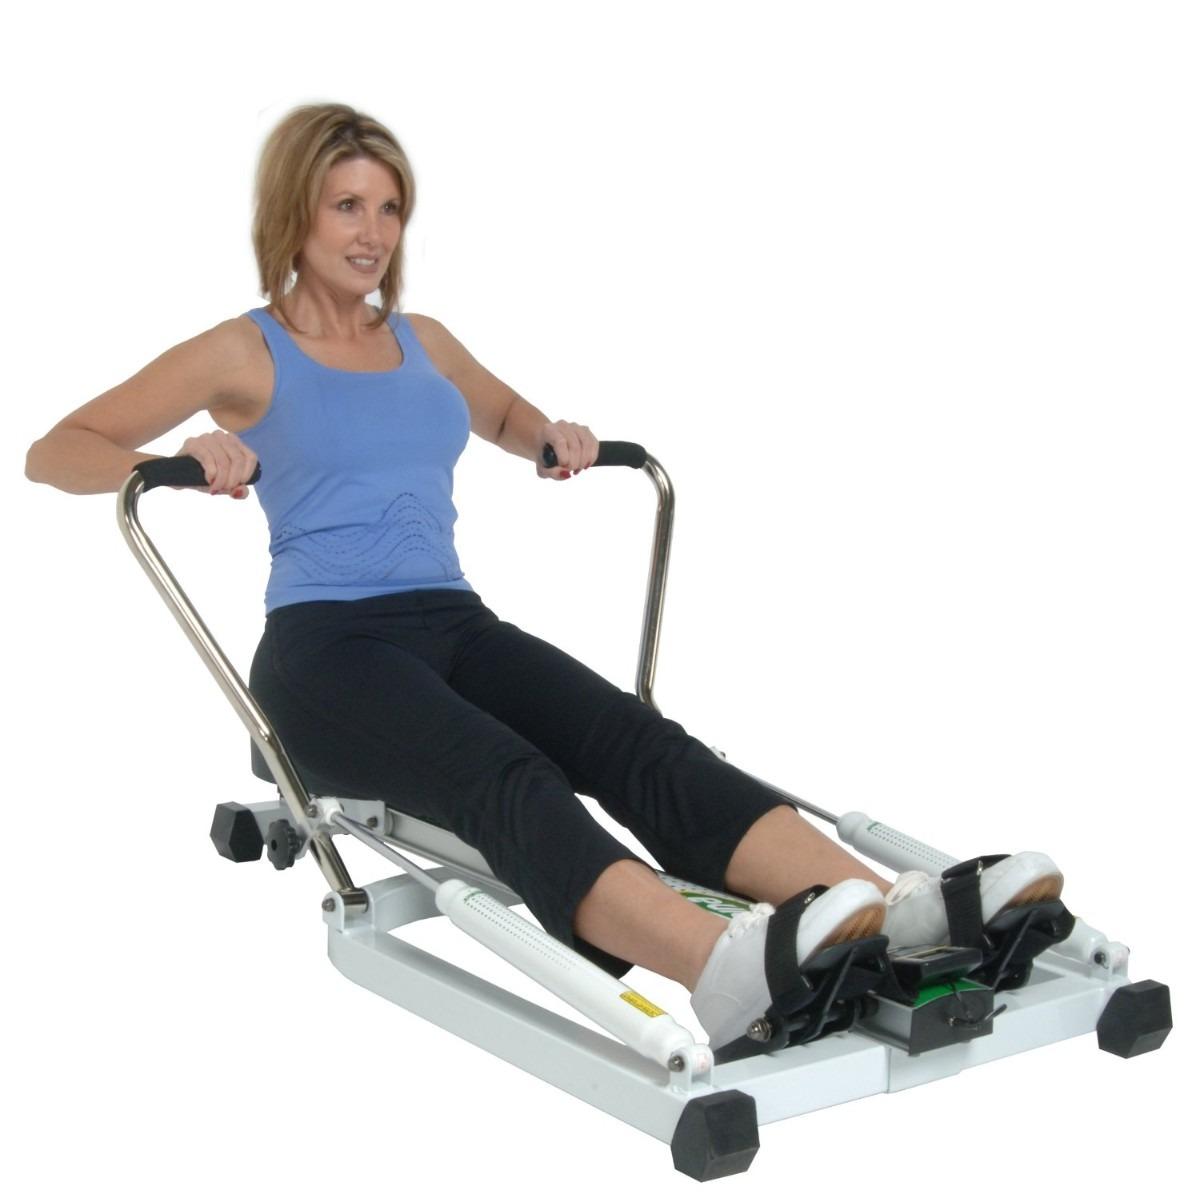 Stamina maquina de remo ejercicio resistencia vv4 for Maquinas de ejercicios